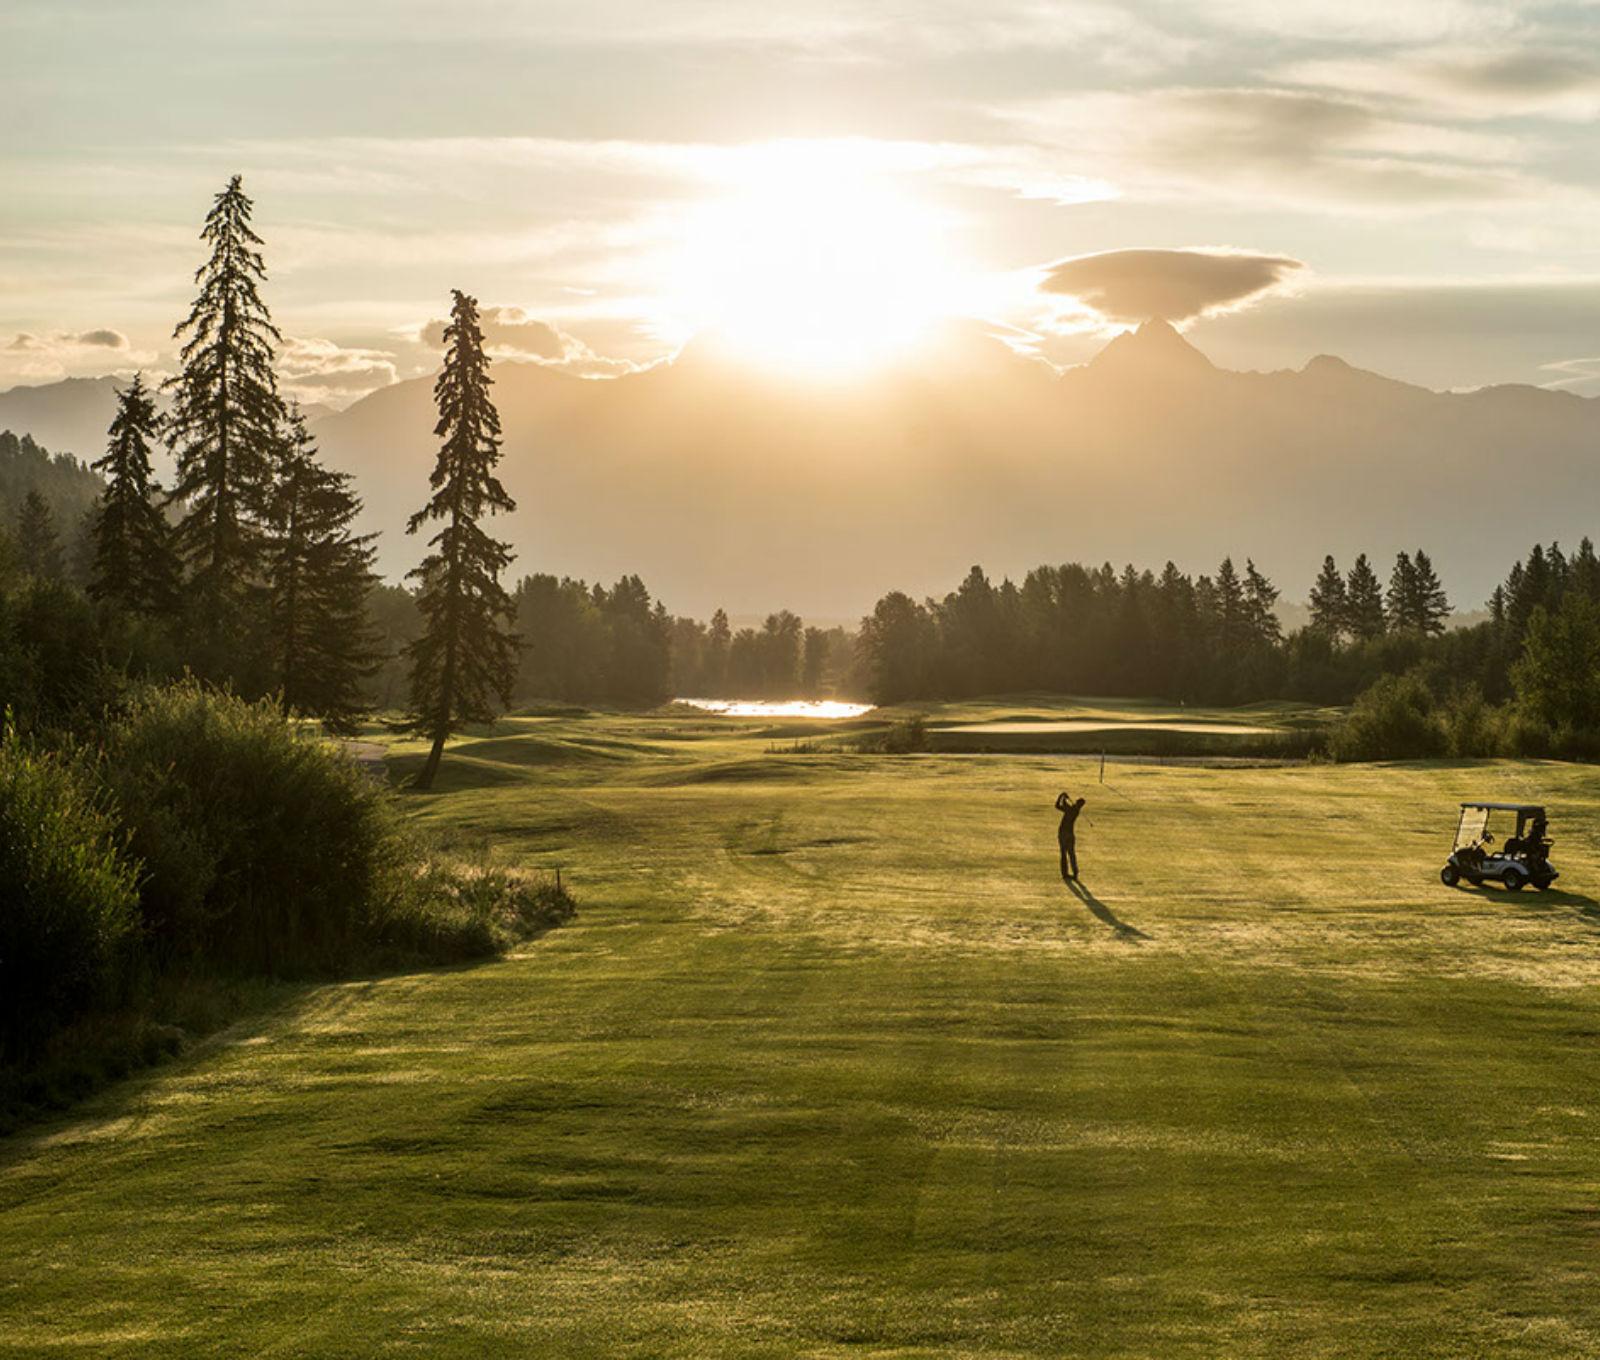 cranbrook-golf-1600x1360.jpg